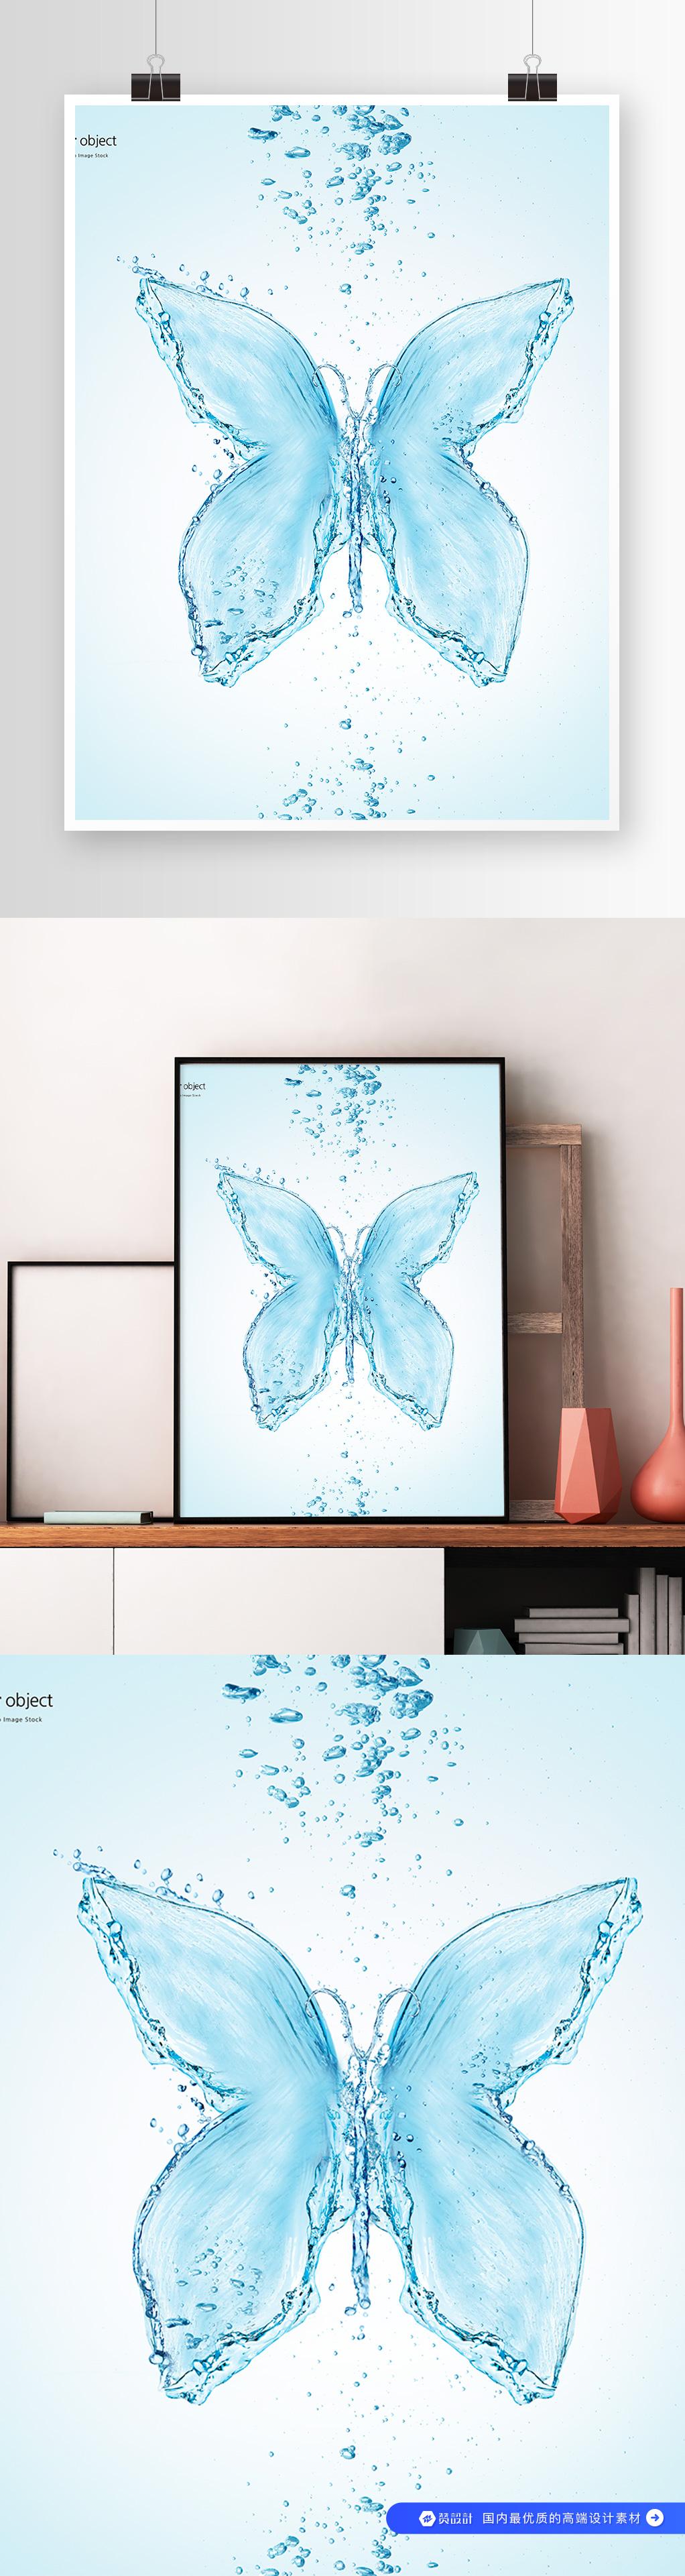 溅起的水花纯净水蝴蝶海报素材psd